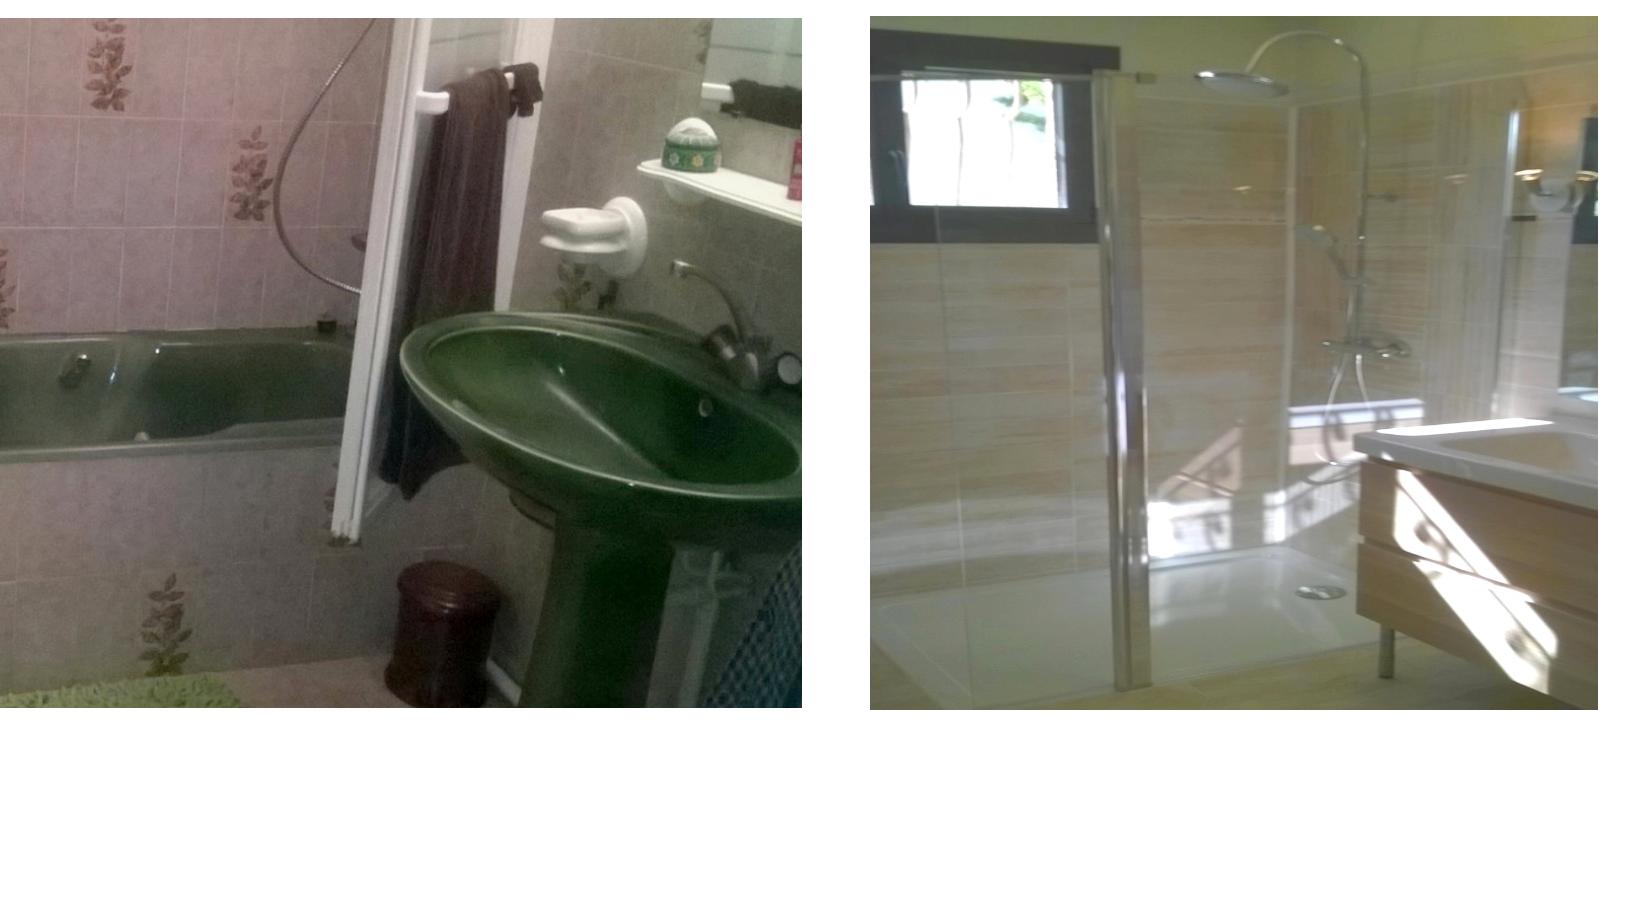 R novation salle de bain h rault gregory lopez artisan - Renovation salle de bain deductible des impots 2017 ...